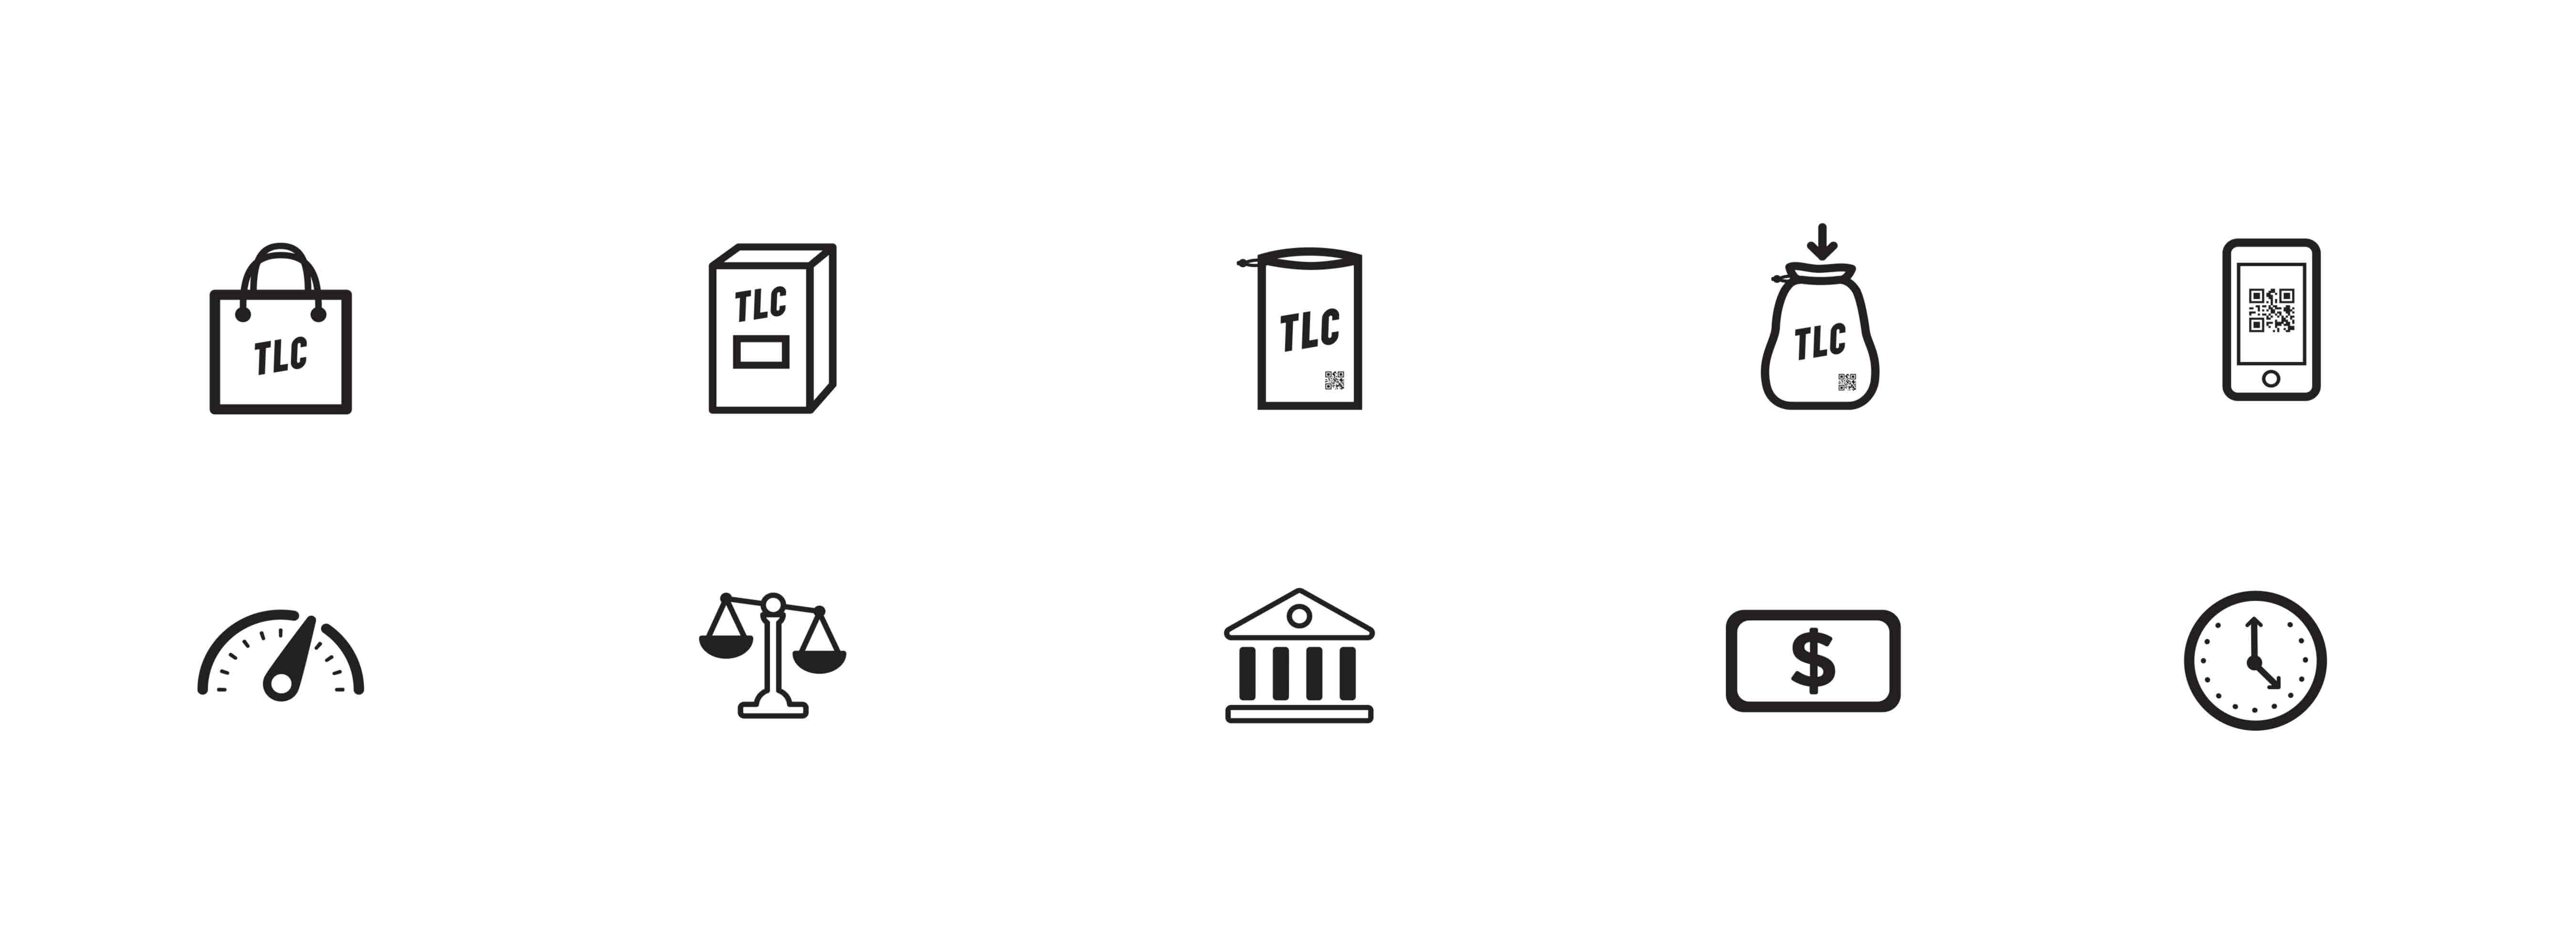 TLC-icons2